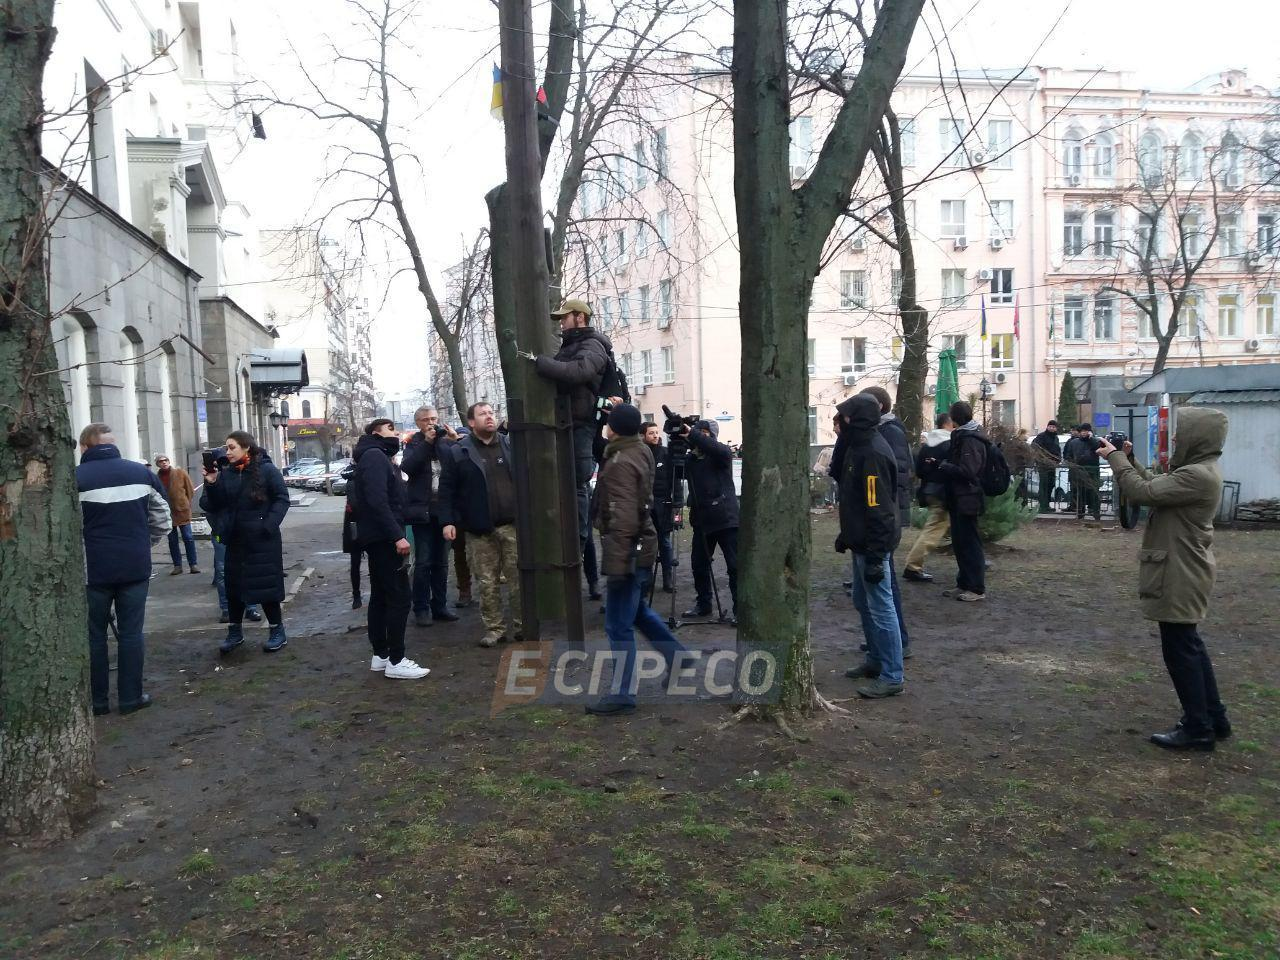 Lviv - Ukraine News in brief. Friday 2 February. [Ukrainian sources] Im-hrest3